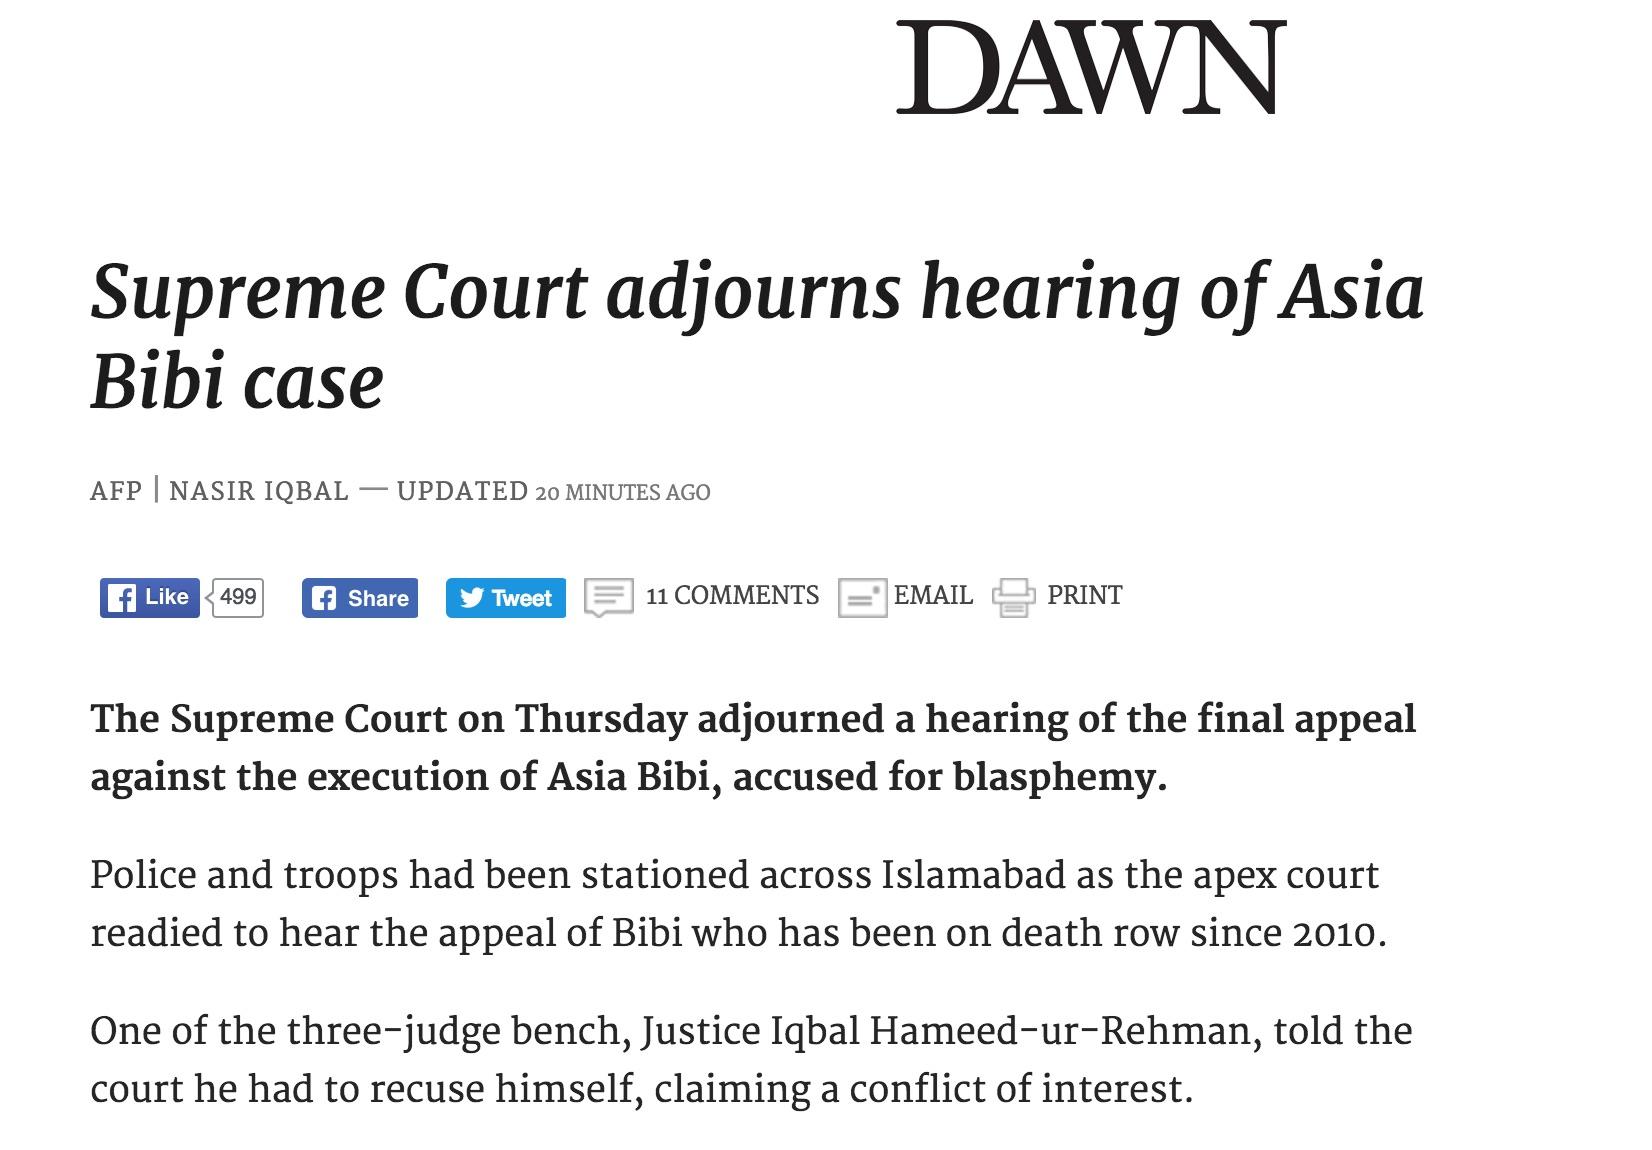 L'un des juges en charge de l'affaire s'est désisté, plaidant un conflit d'intérêt. Copie d'écran de Dawn, le 13 octobre 2016.